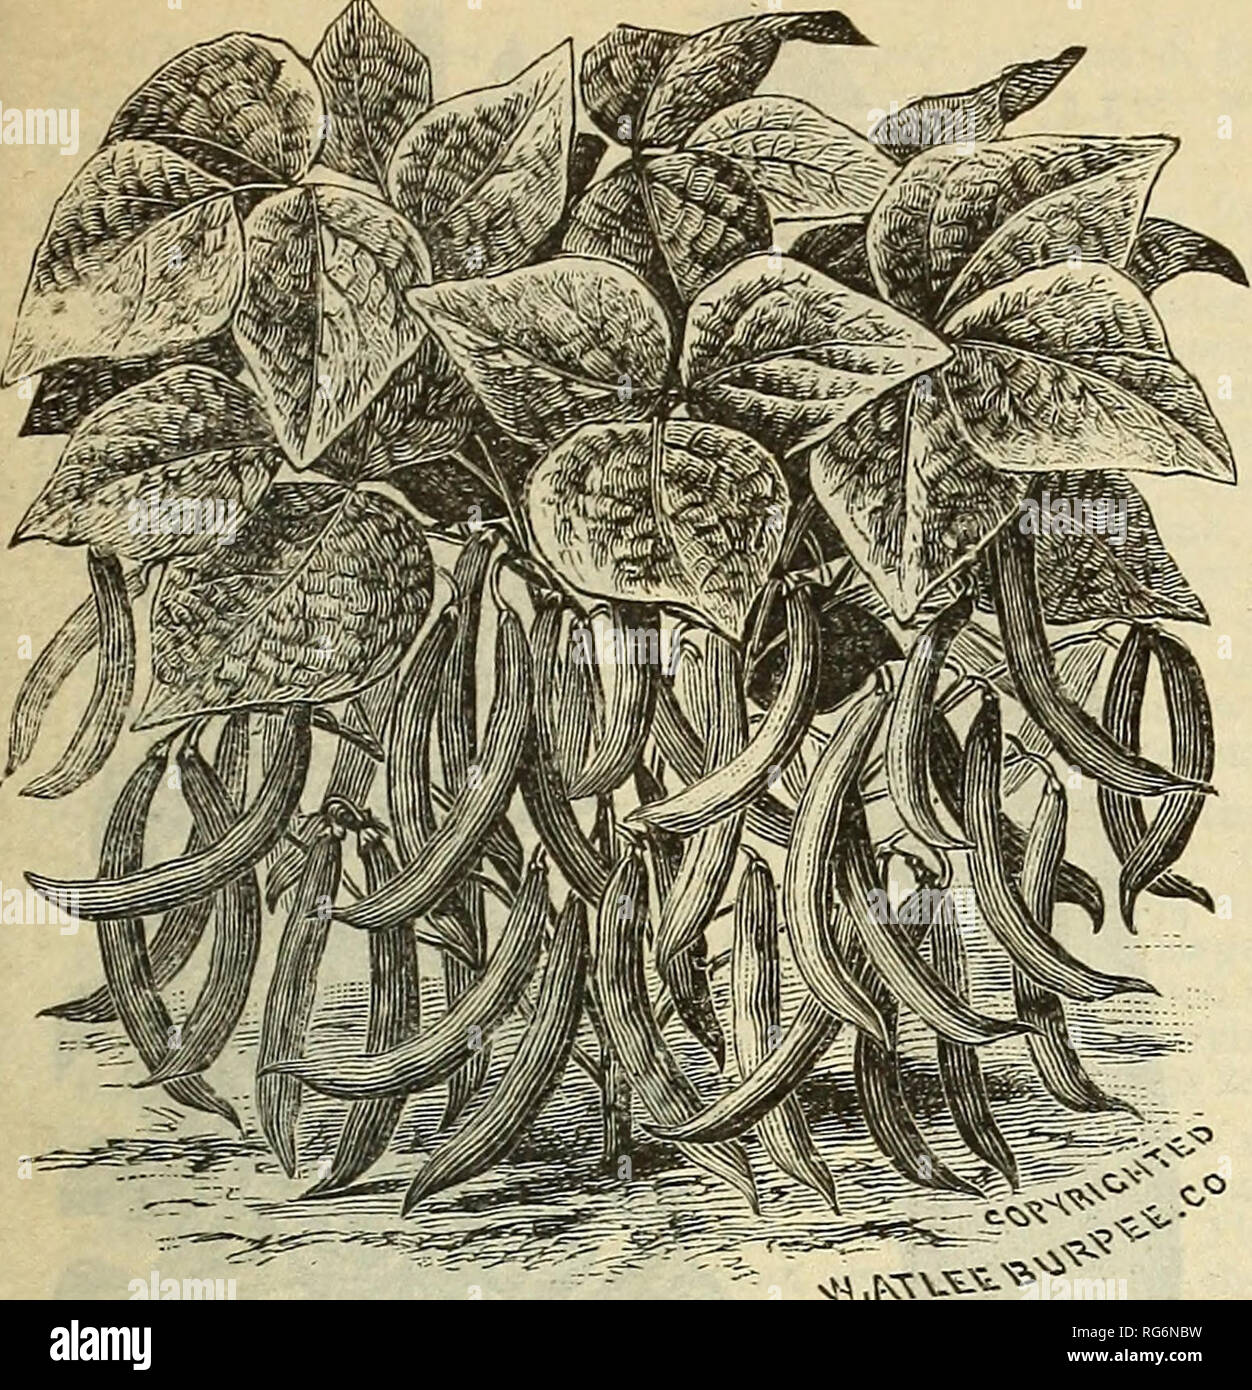 100 graines Mr fothergills-paquet illustré-légumes-nain bean ferrari